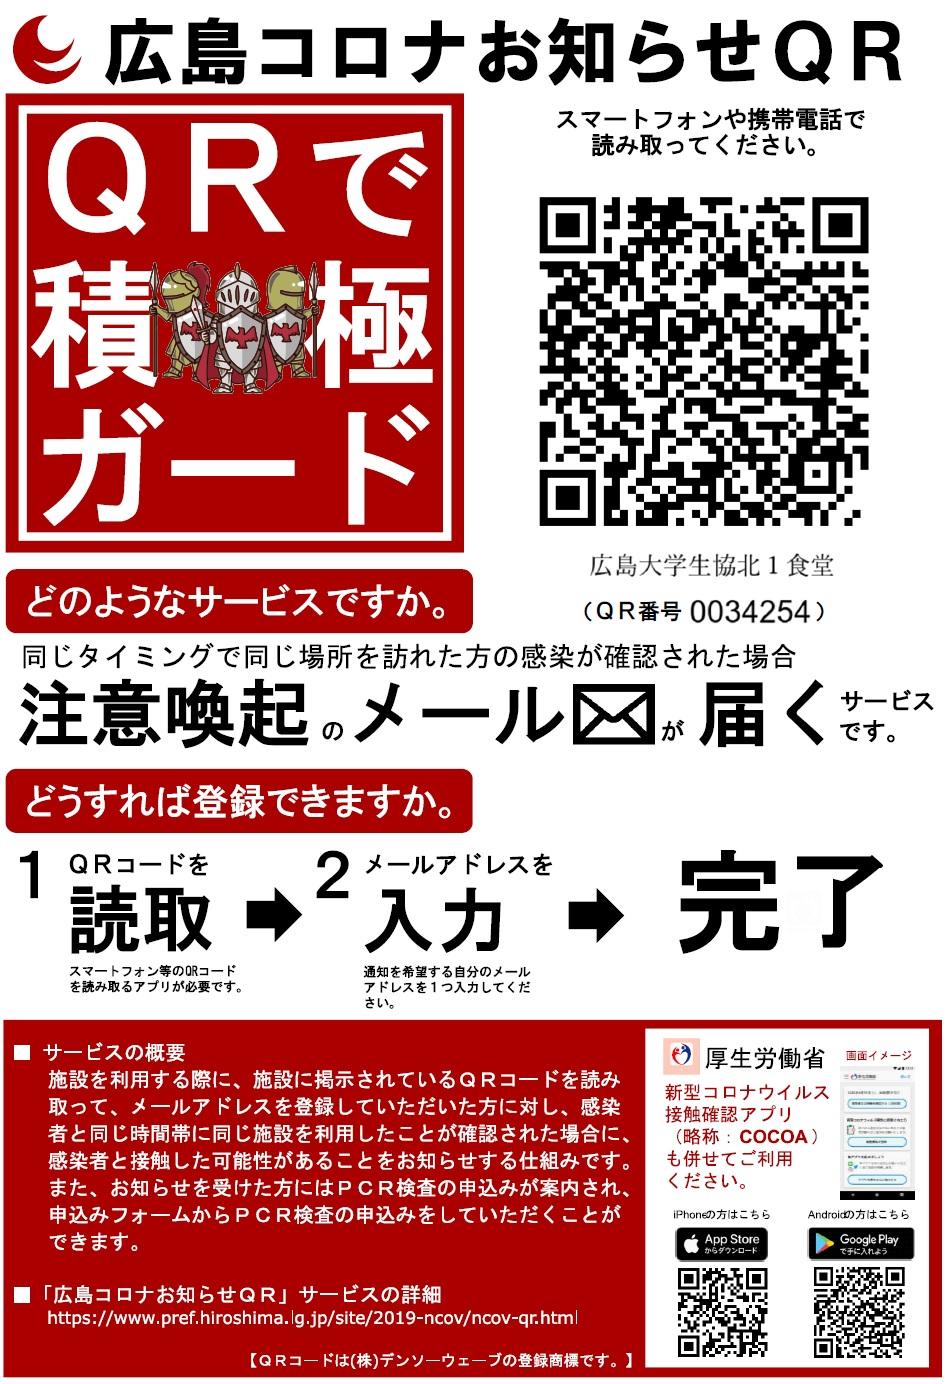 大学 コロナ 広島